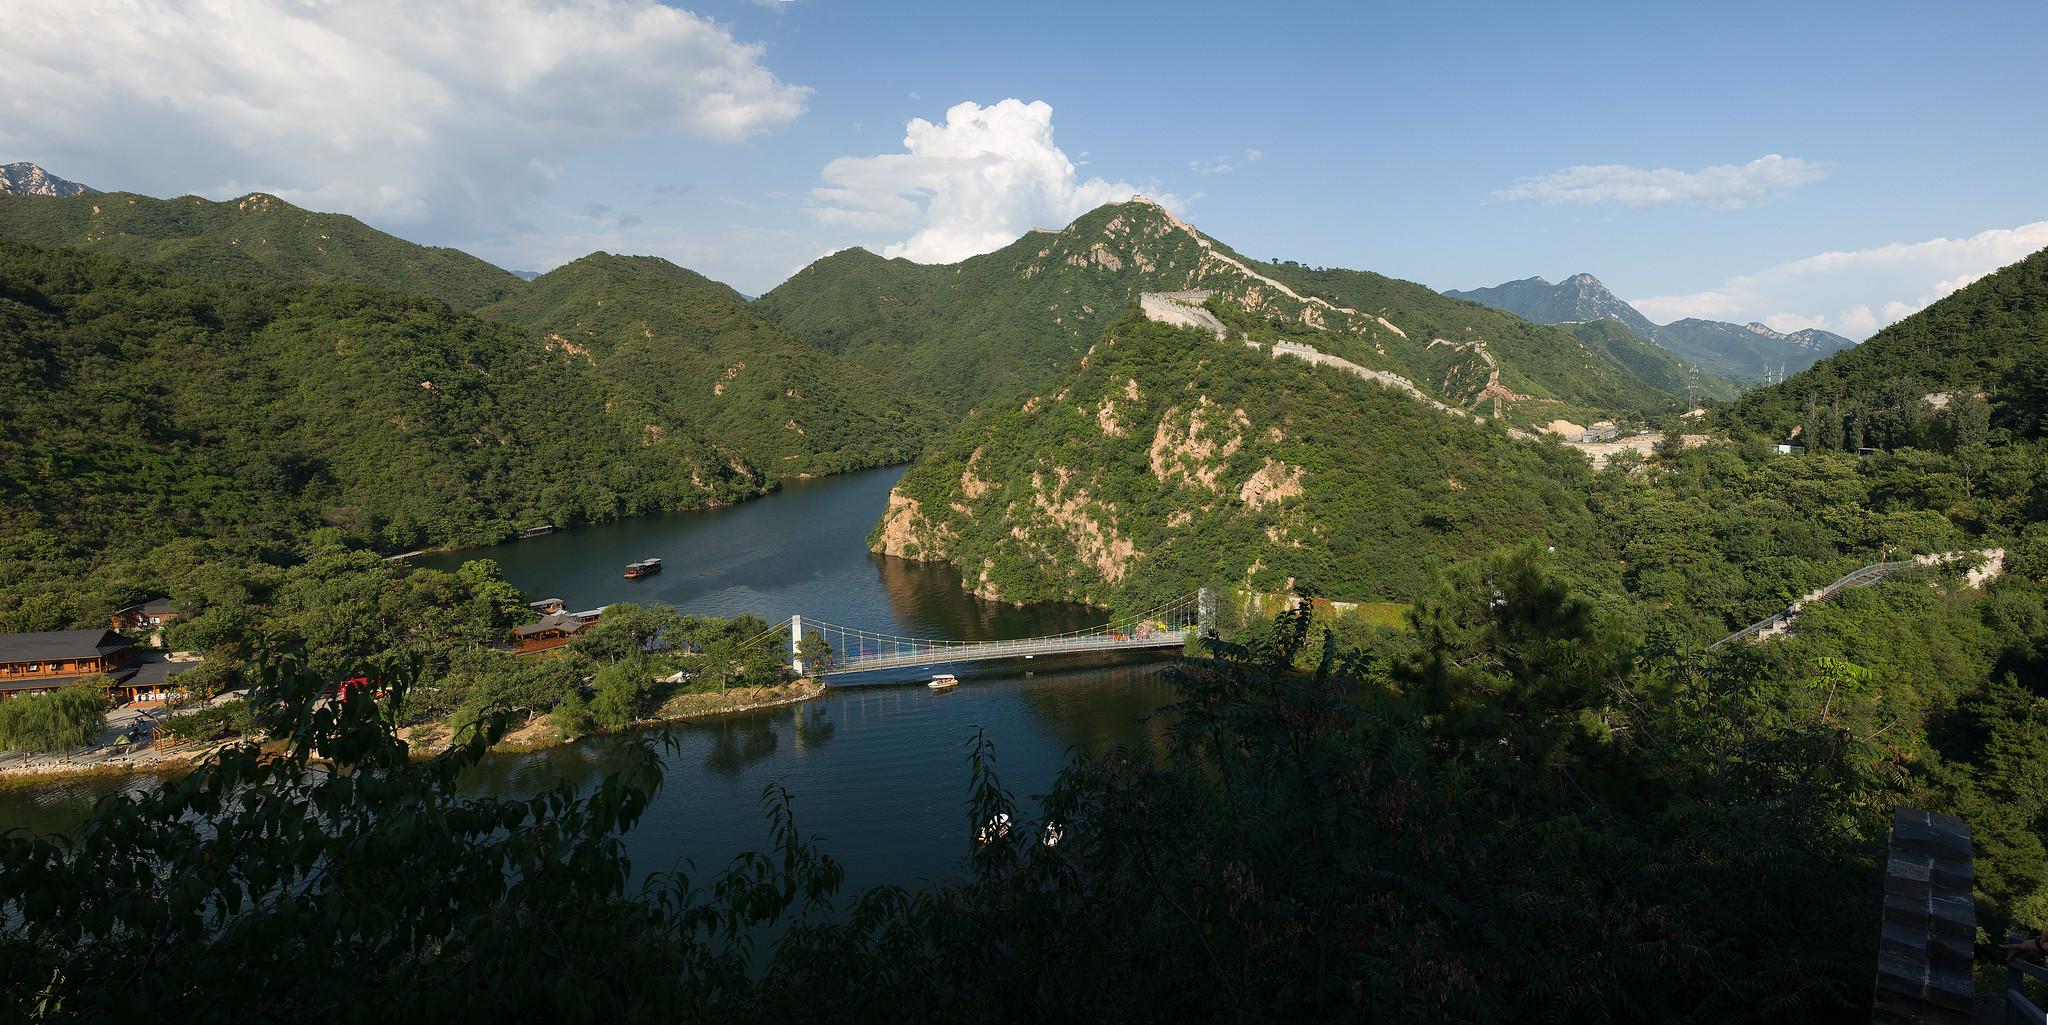 Xishuiyu